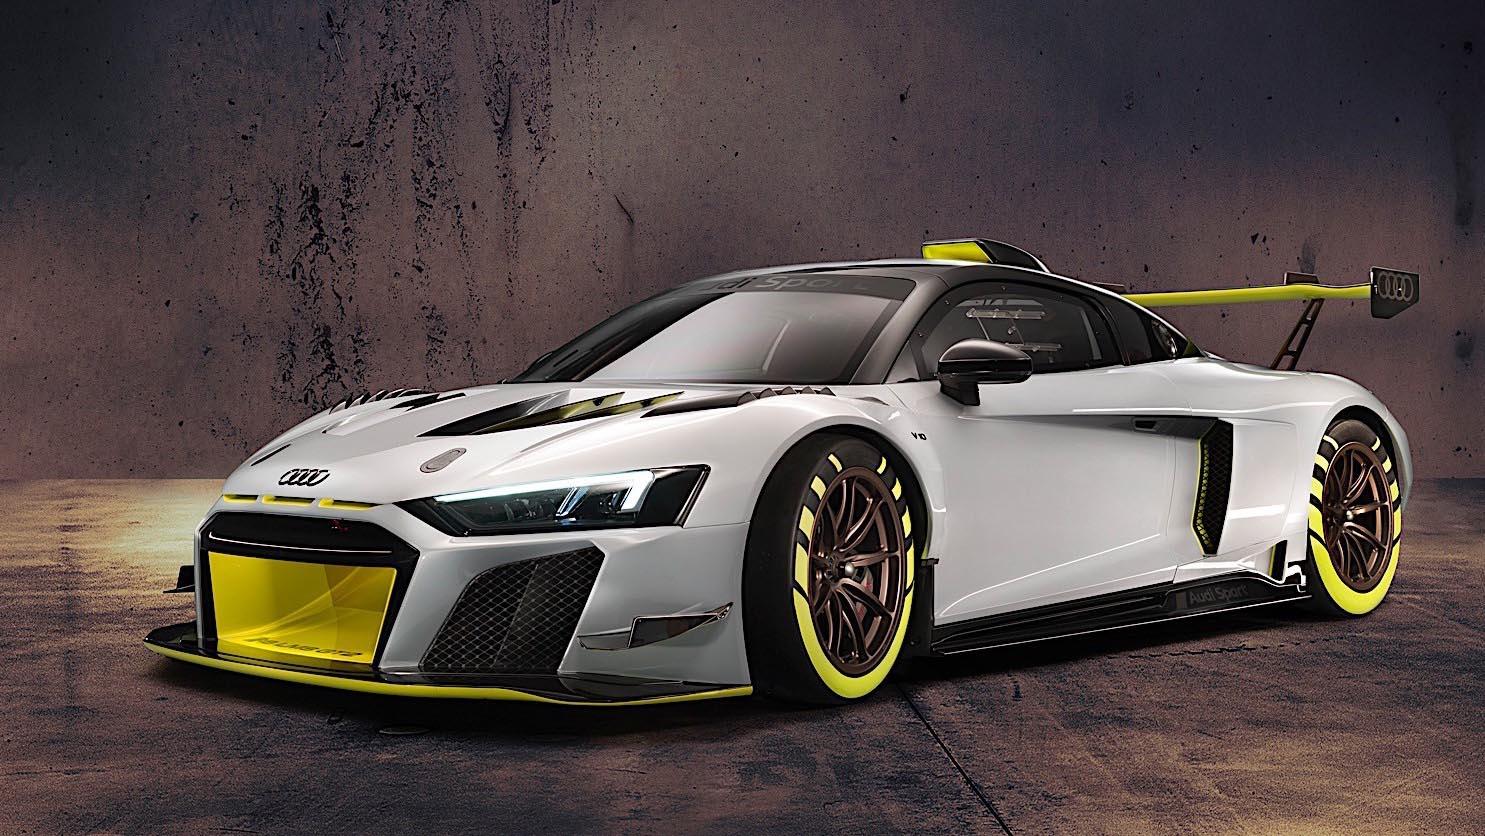 2020 Audi R8 LMS GT2 вид спереди